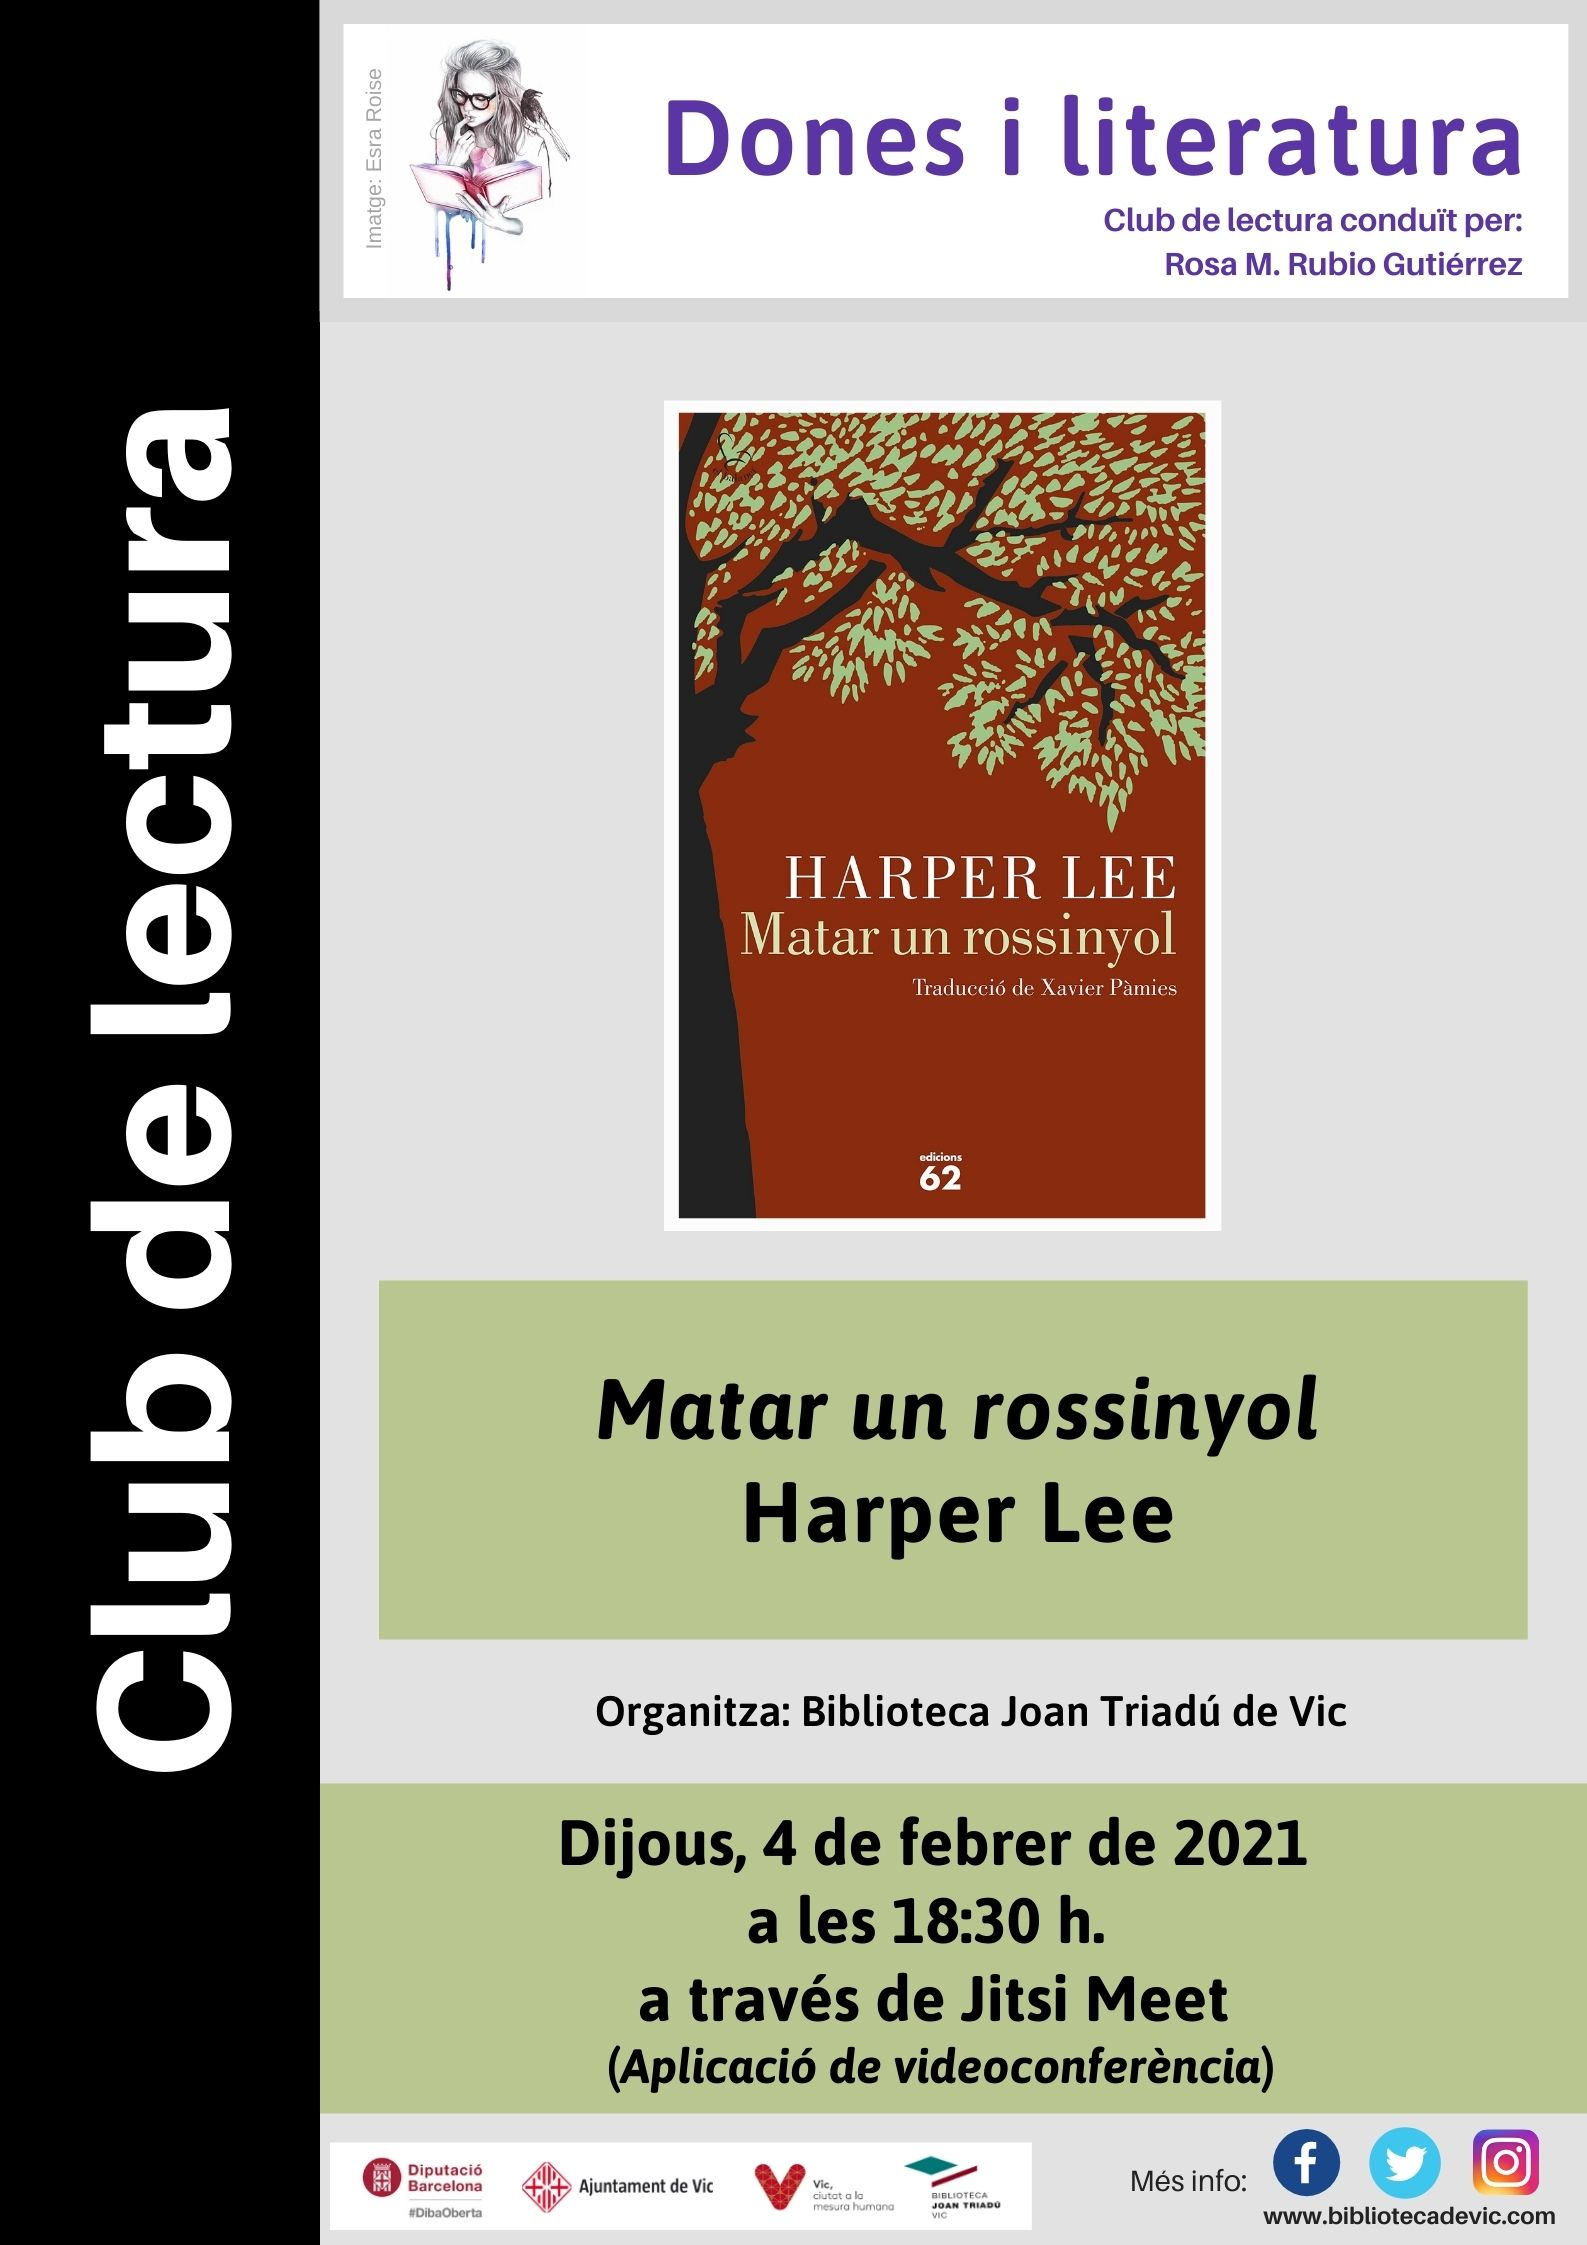 Club de lectura Dones i literatura: Matar un rossinyol de Harper Lee